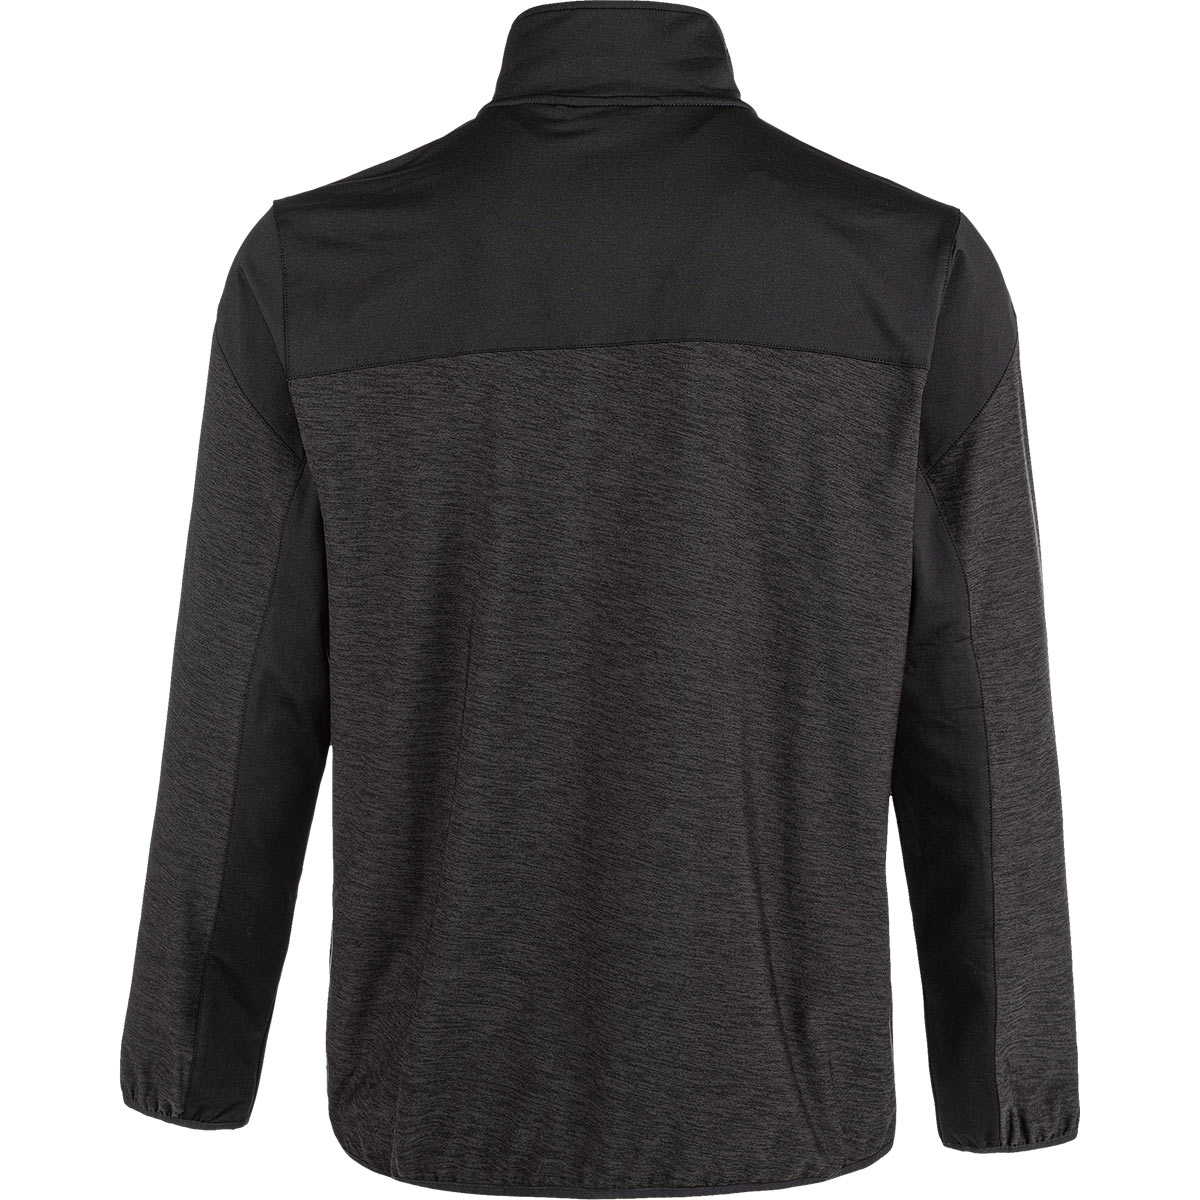 FZ Bradford M Jacket